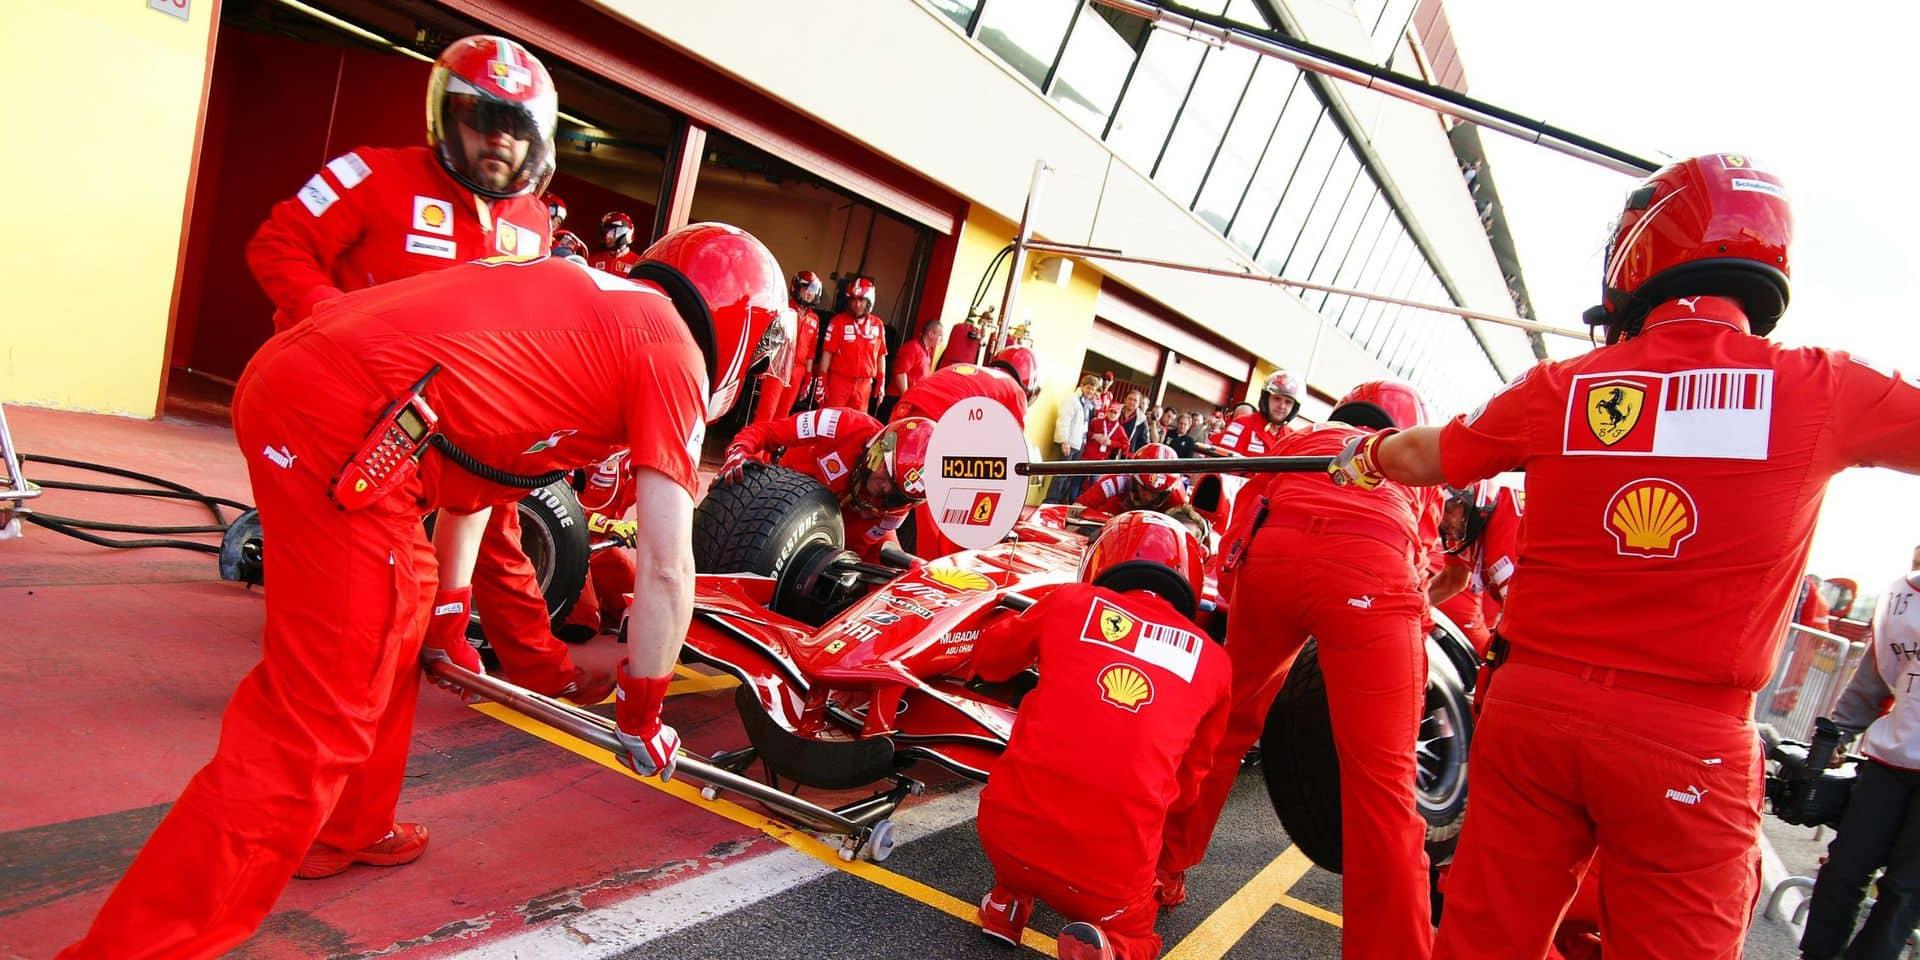 Le circuit de Mugello fait son entrée au calendrier de la F1, le GP de Russie confirmé